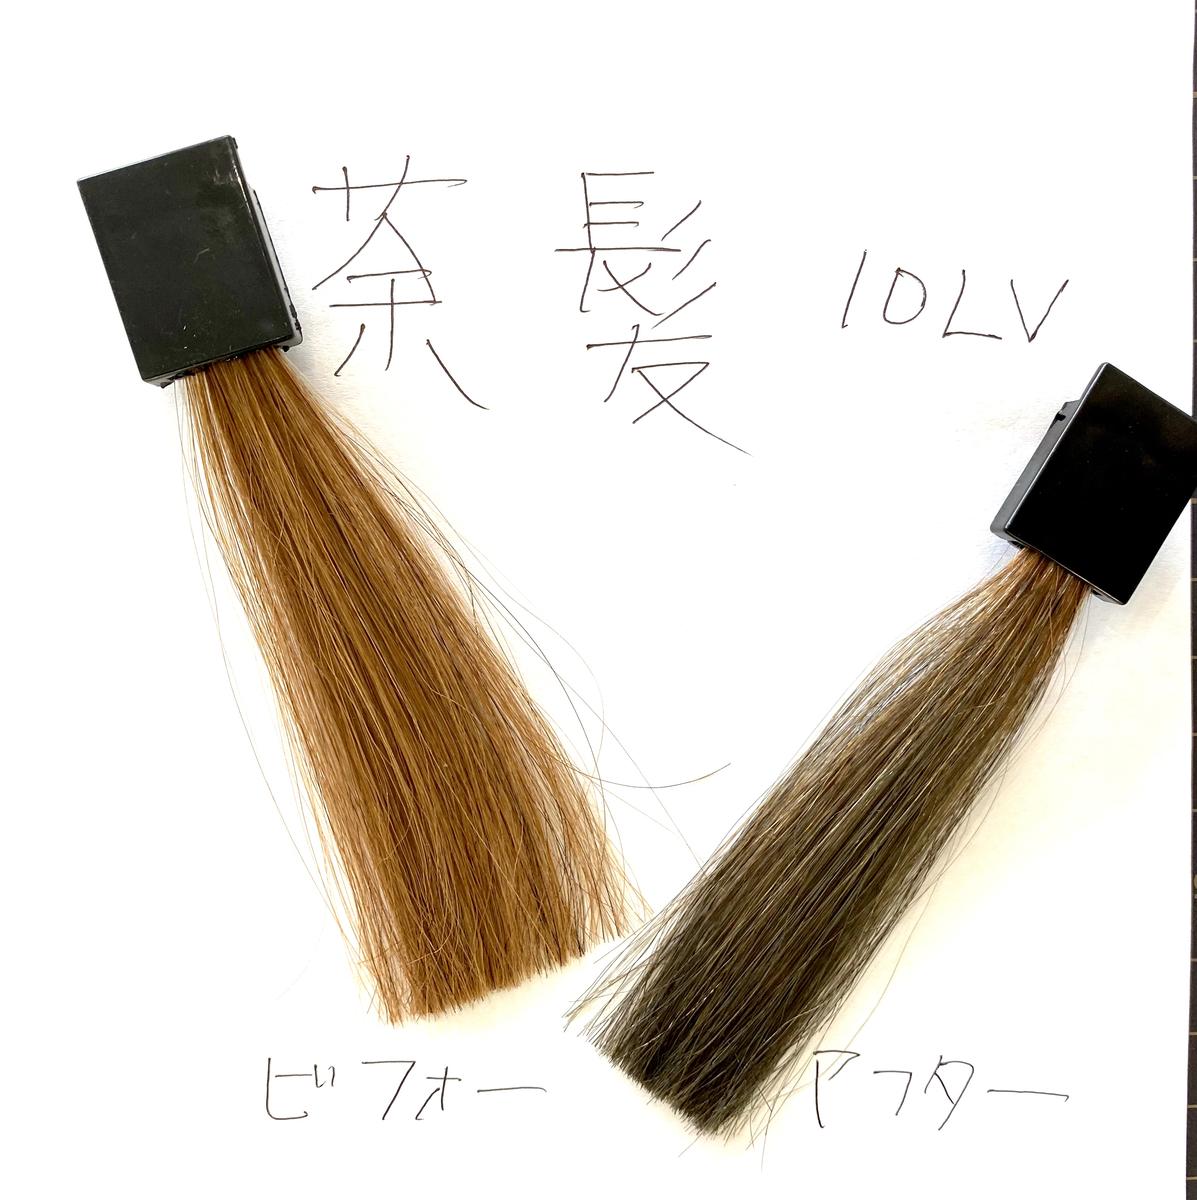 画面左が茶髪で画面右が茶髪に925シルバーで染めた毛束